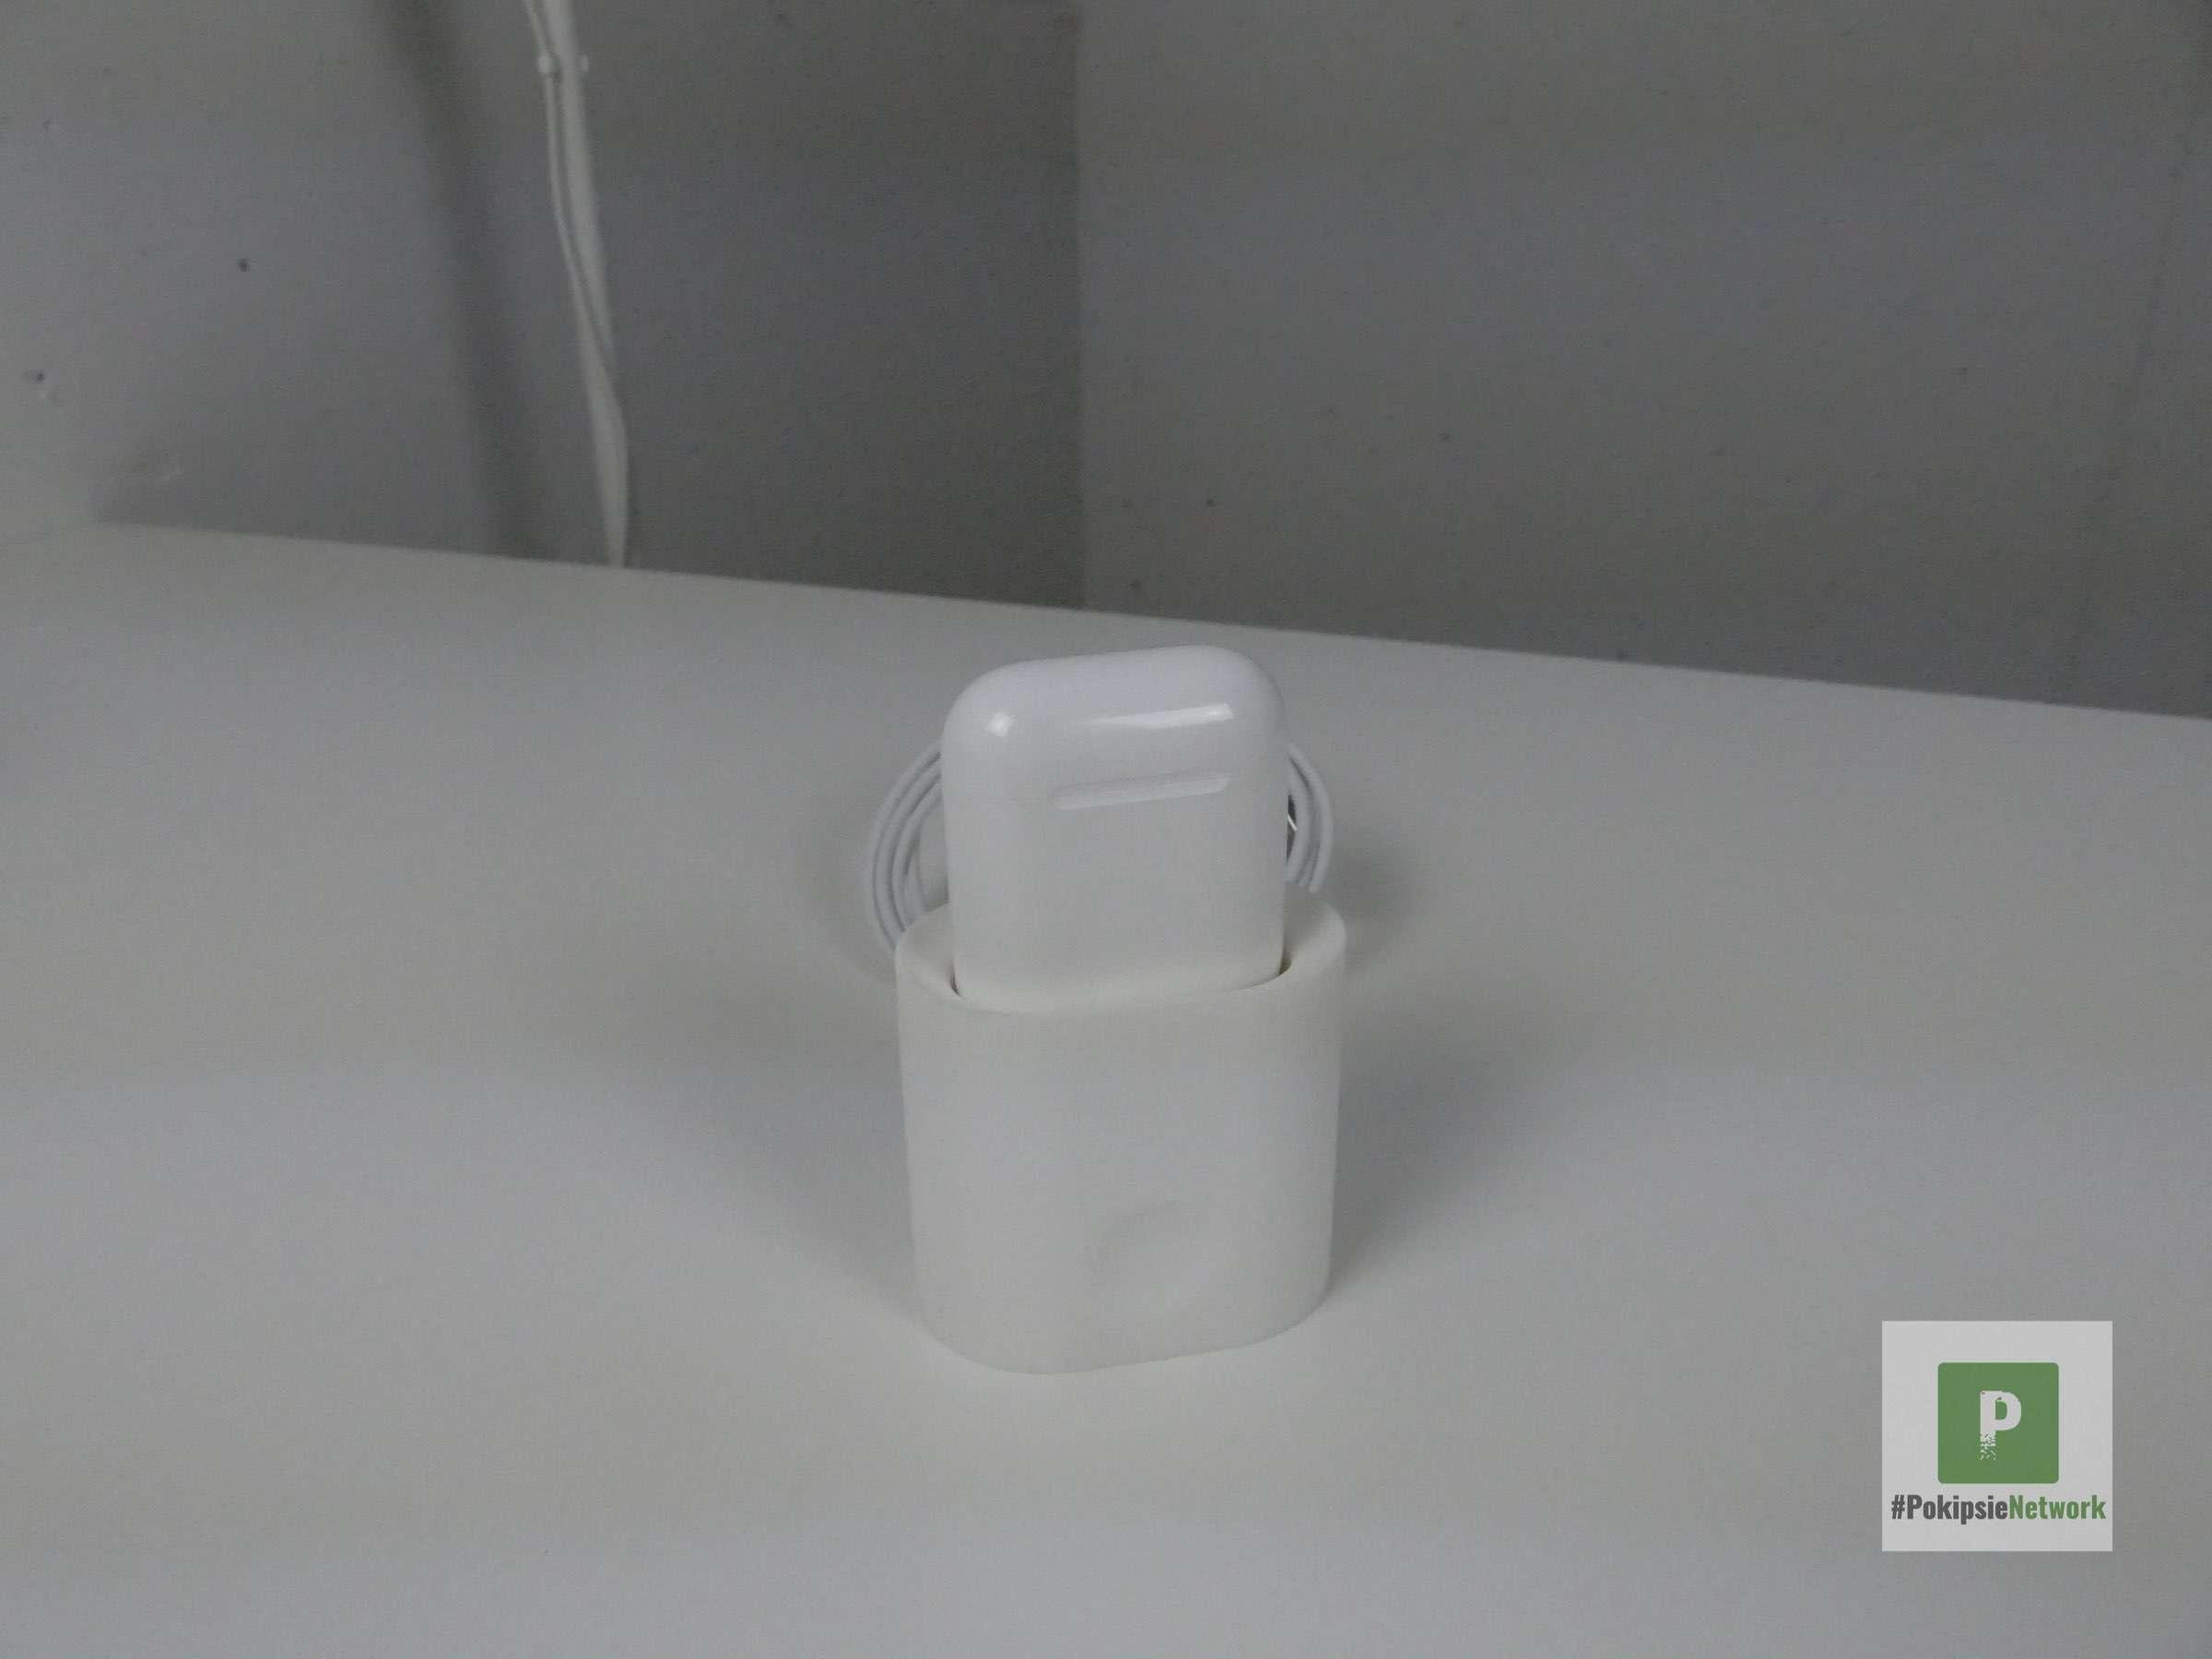 AirPods Hülle aufgesteckt